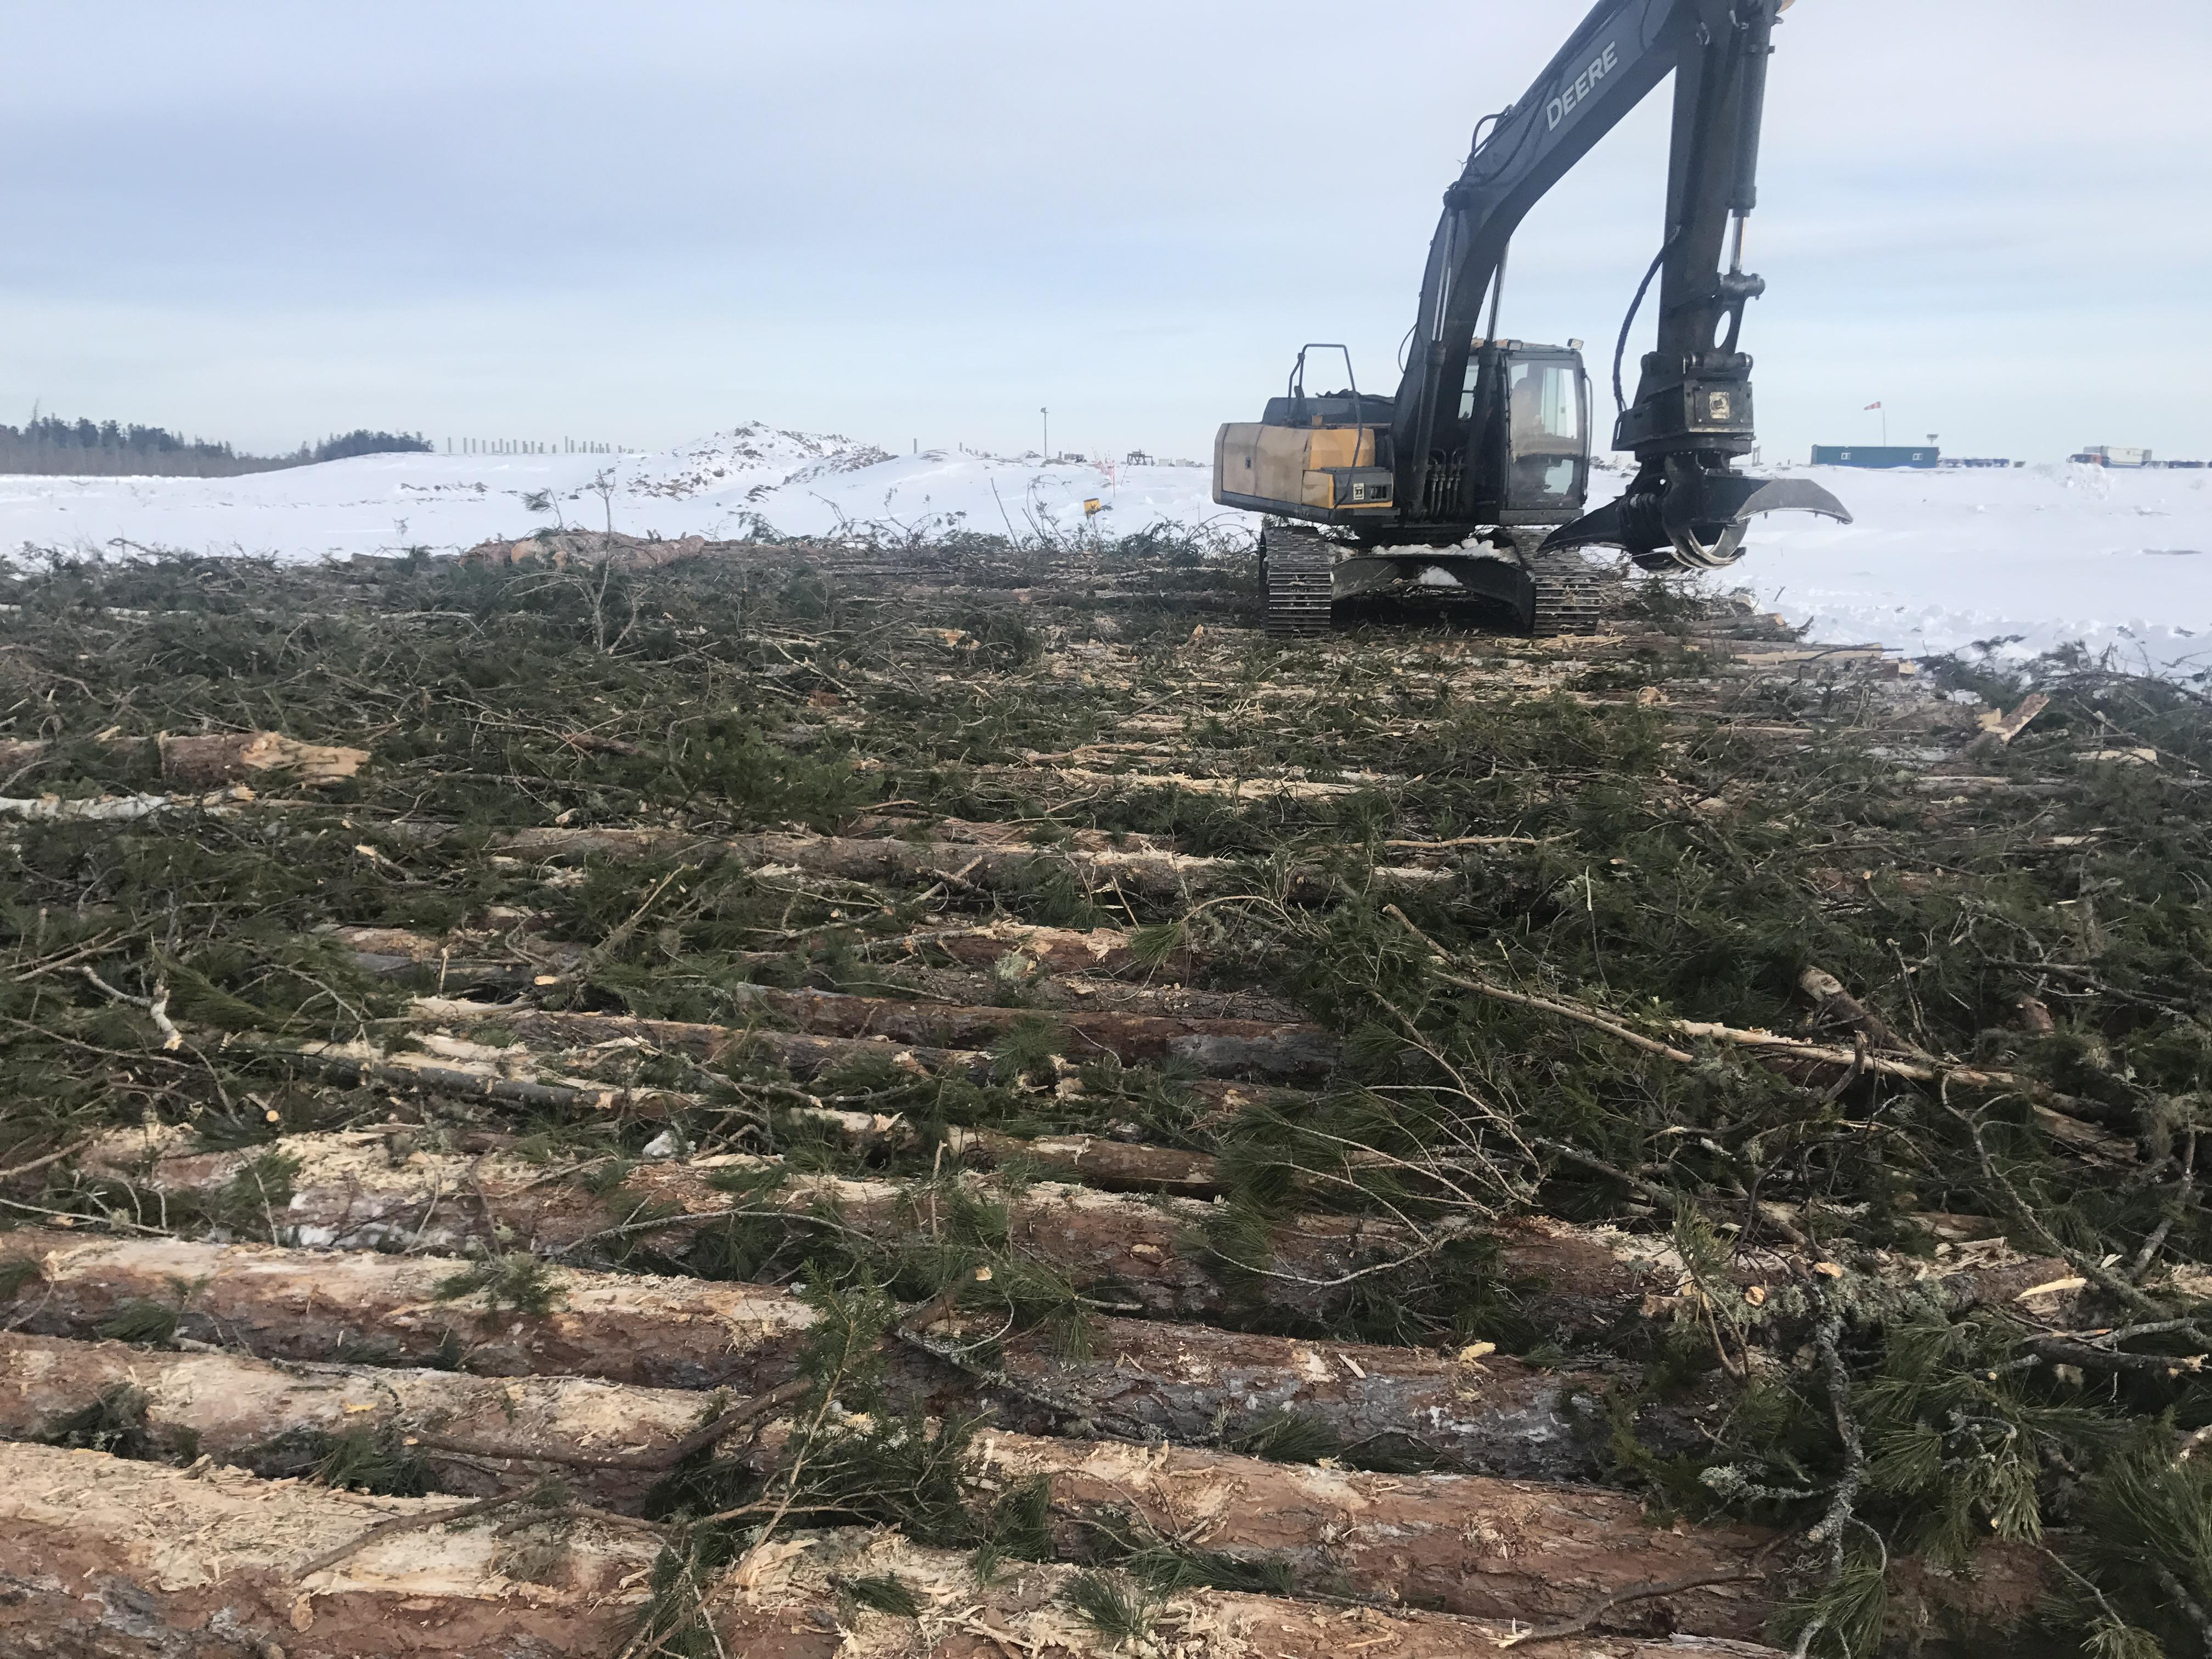 Разработка Тальцийского месторождения, в Уватском районе. Скважина №2